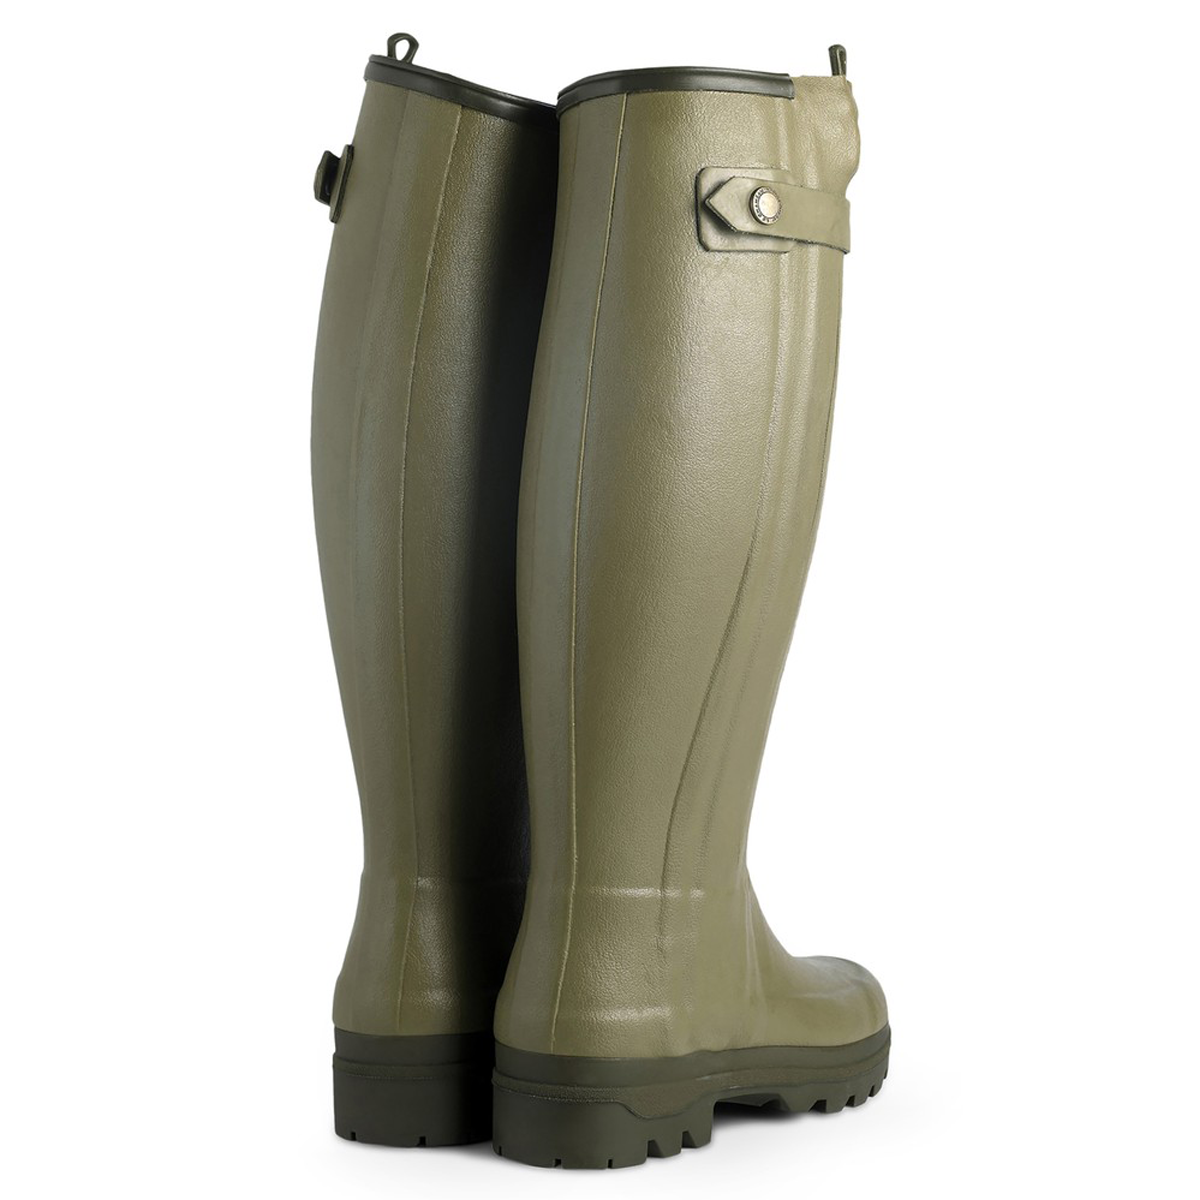 Le Chameau Women's Chasseur Neoprene Lined Wellington Boots – Vert Vierzon